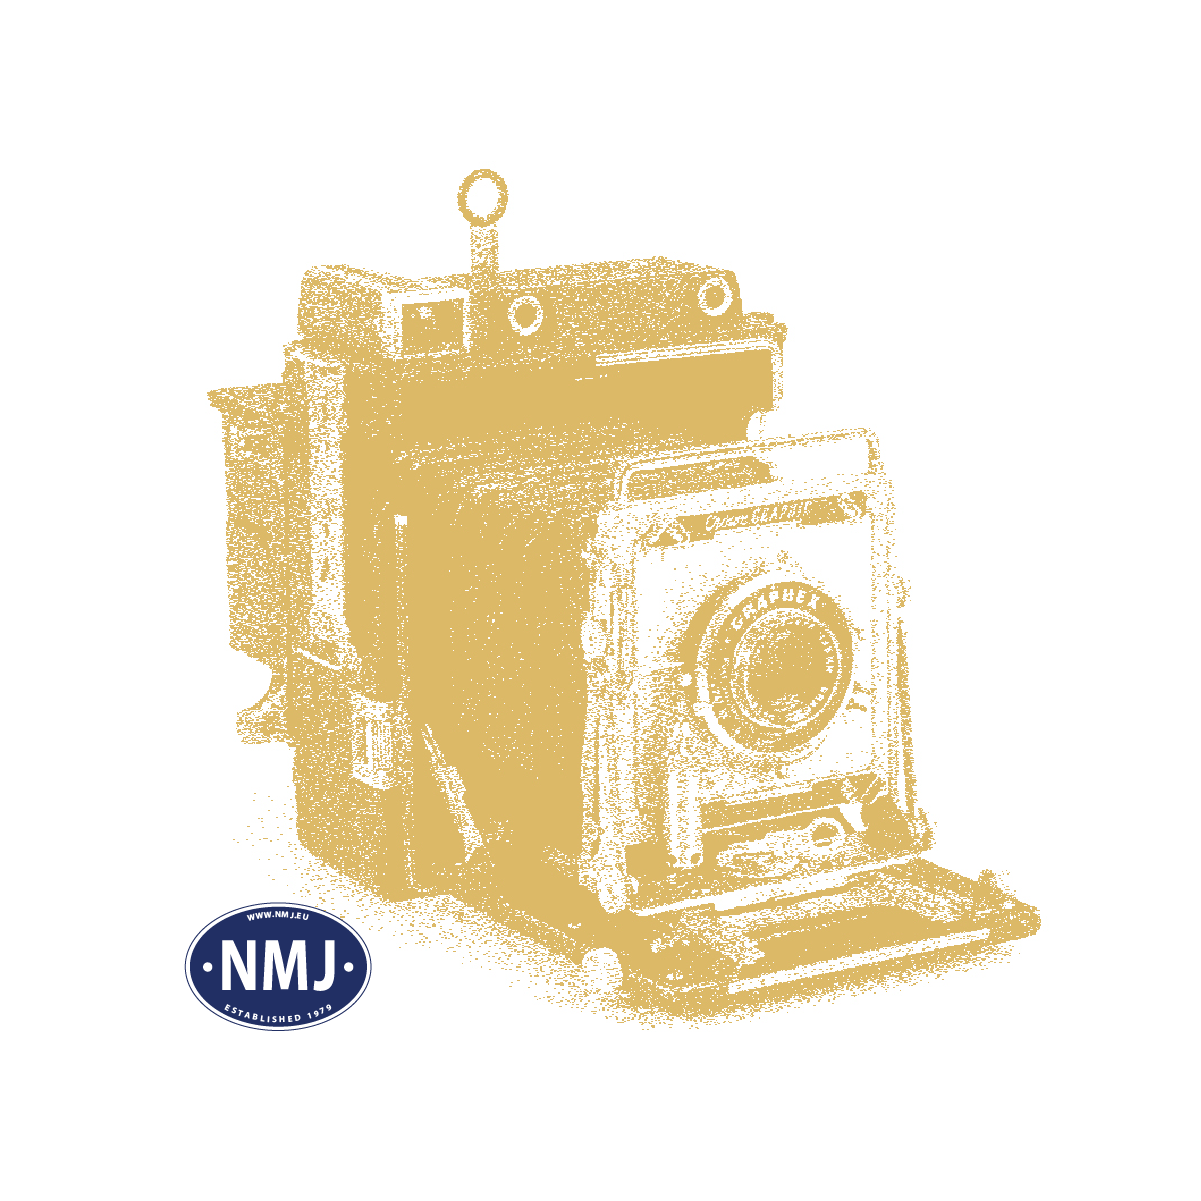 NMJT502.301 - NMJ Topline NSB Stakevogn Kbps 21 76 335 3 740-2 m/ Trelast